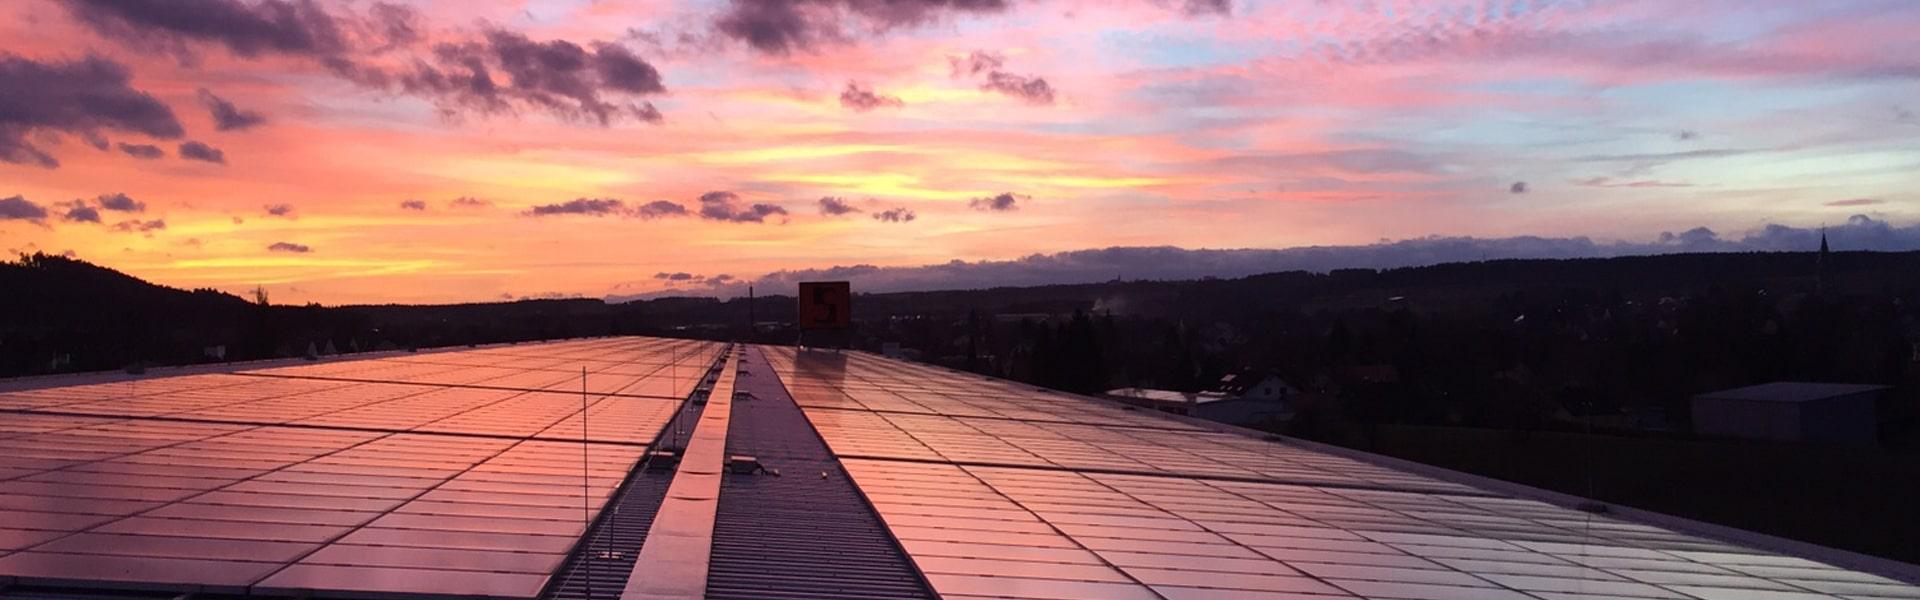 Bild einer Enbekon PV-Anlage im Abendrot zum Artikel: Photovoltaik als Kapitalanlage